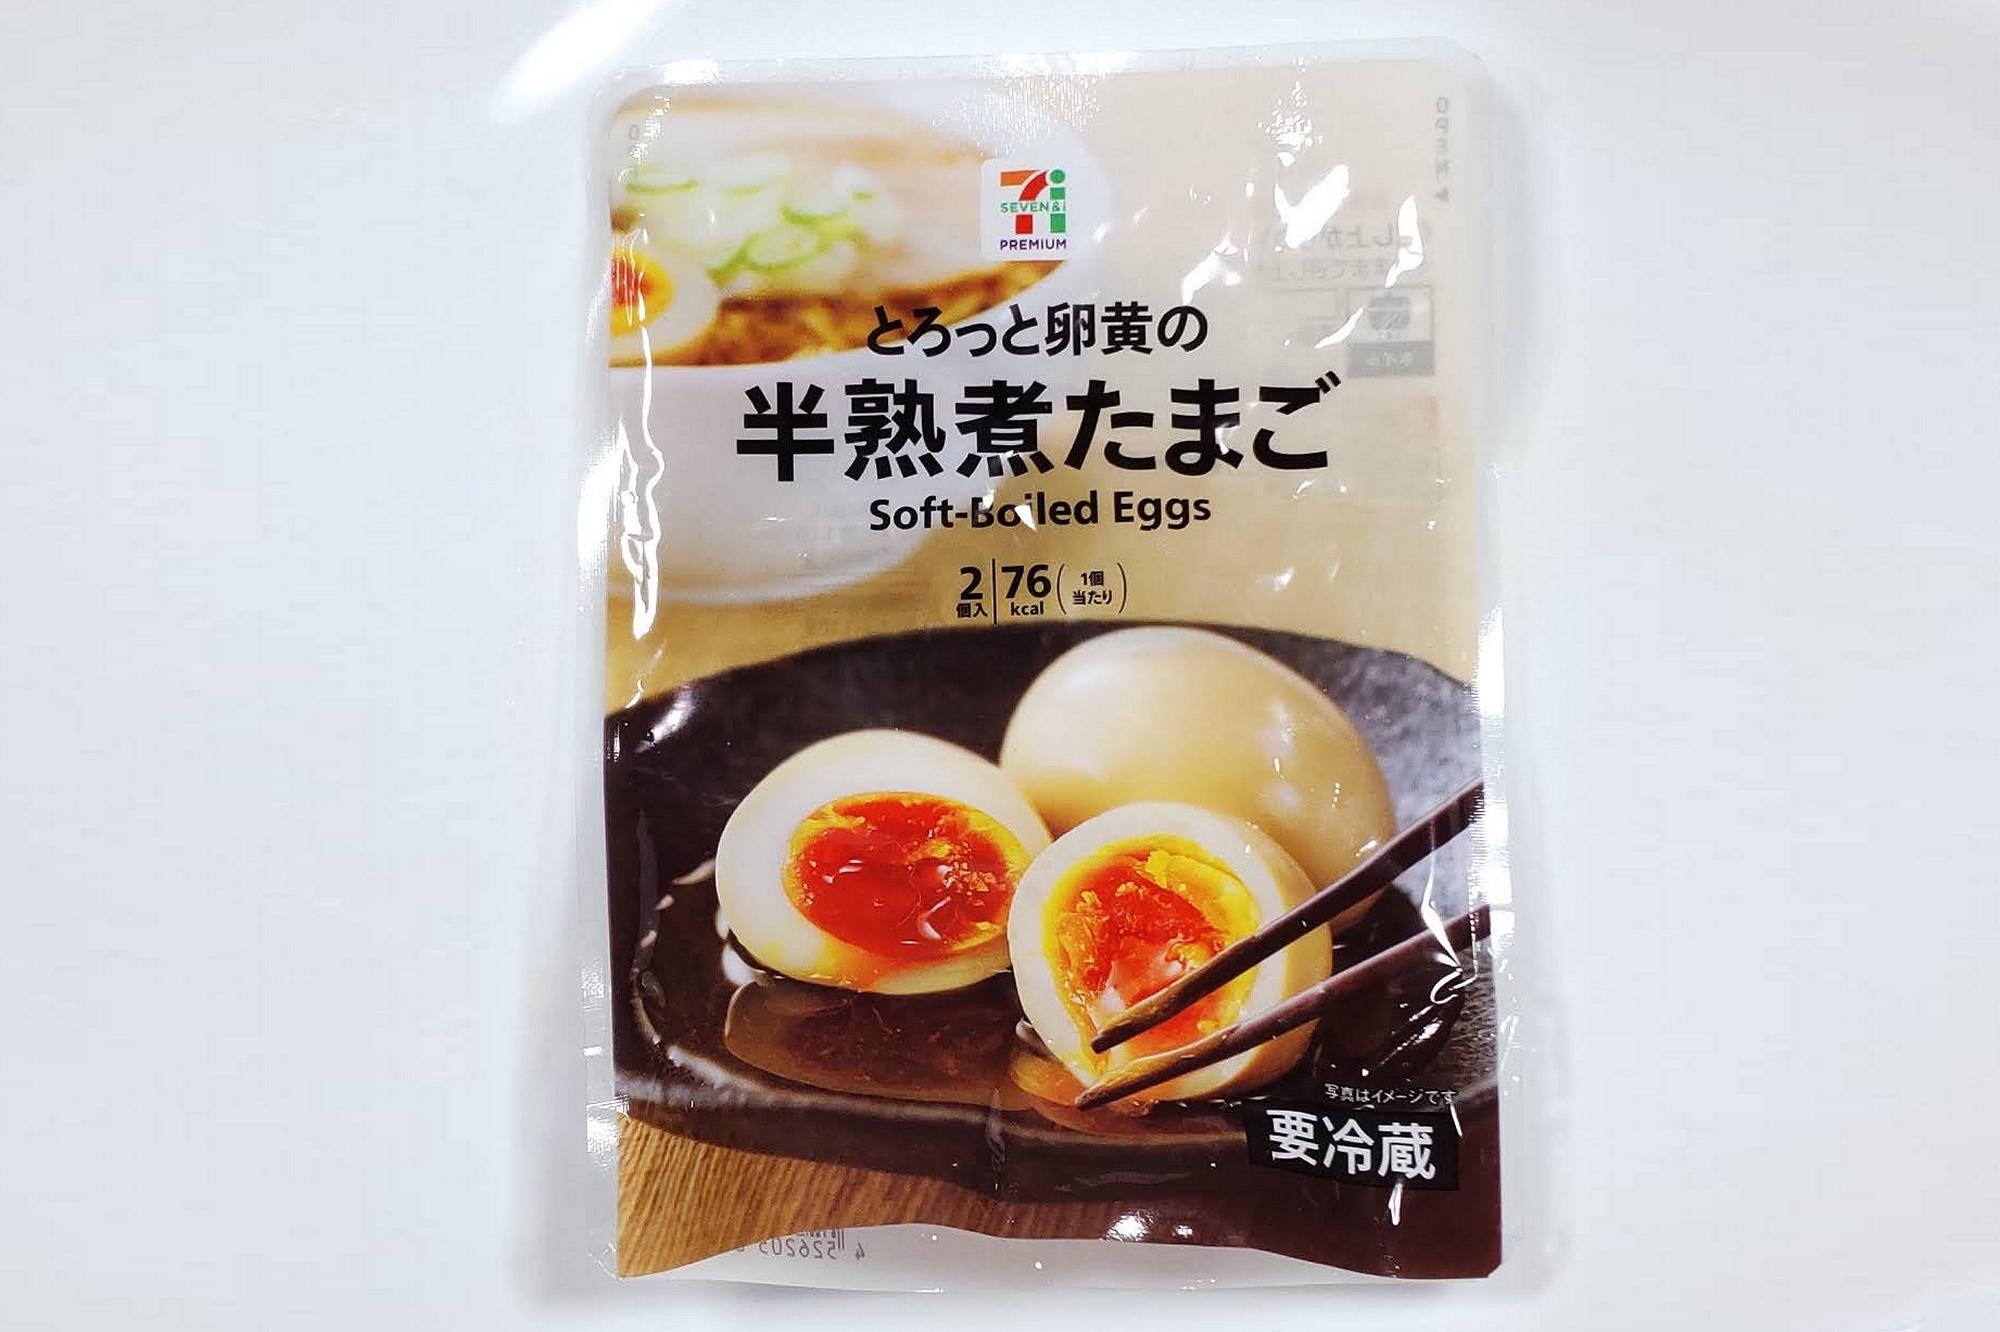 セブンイレブン「半熟煮たまご(税込み162円)」